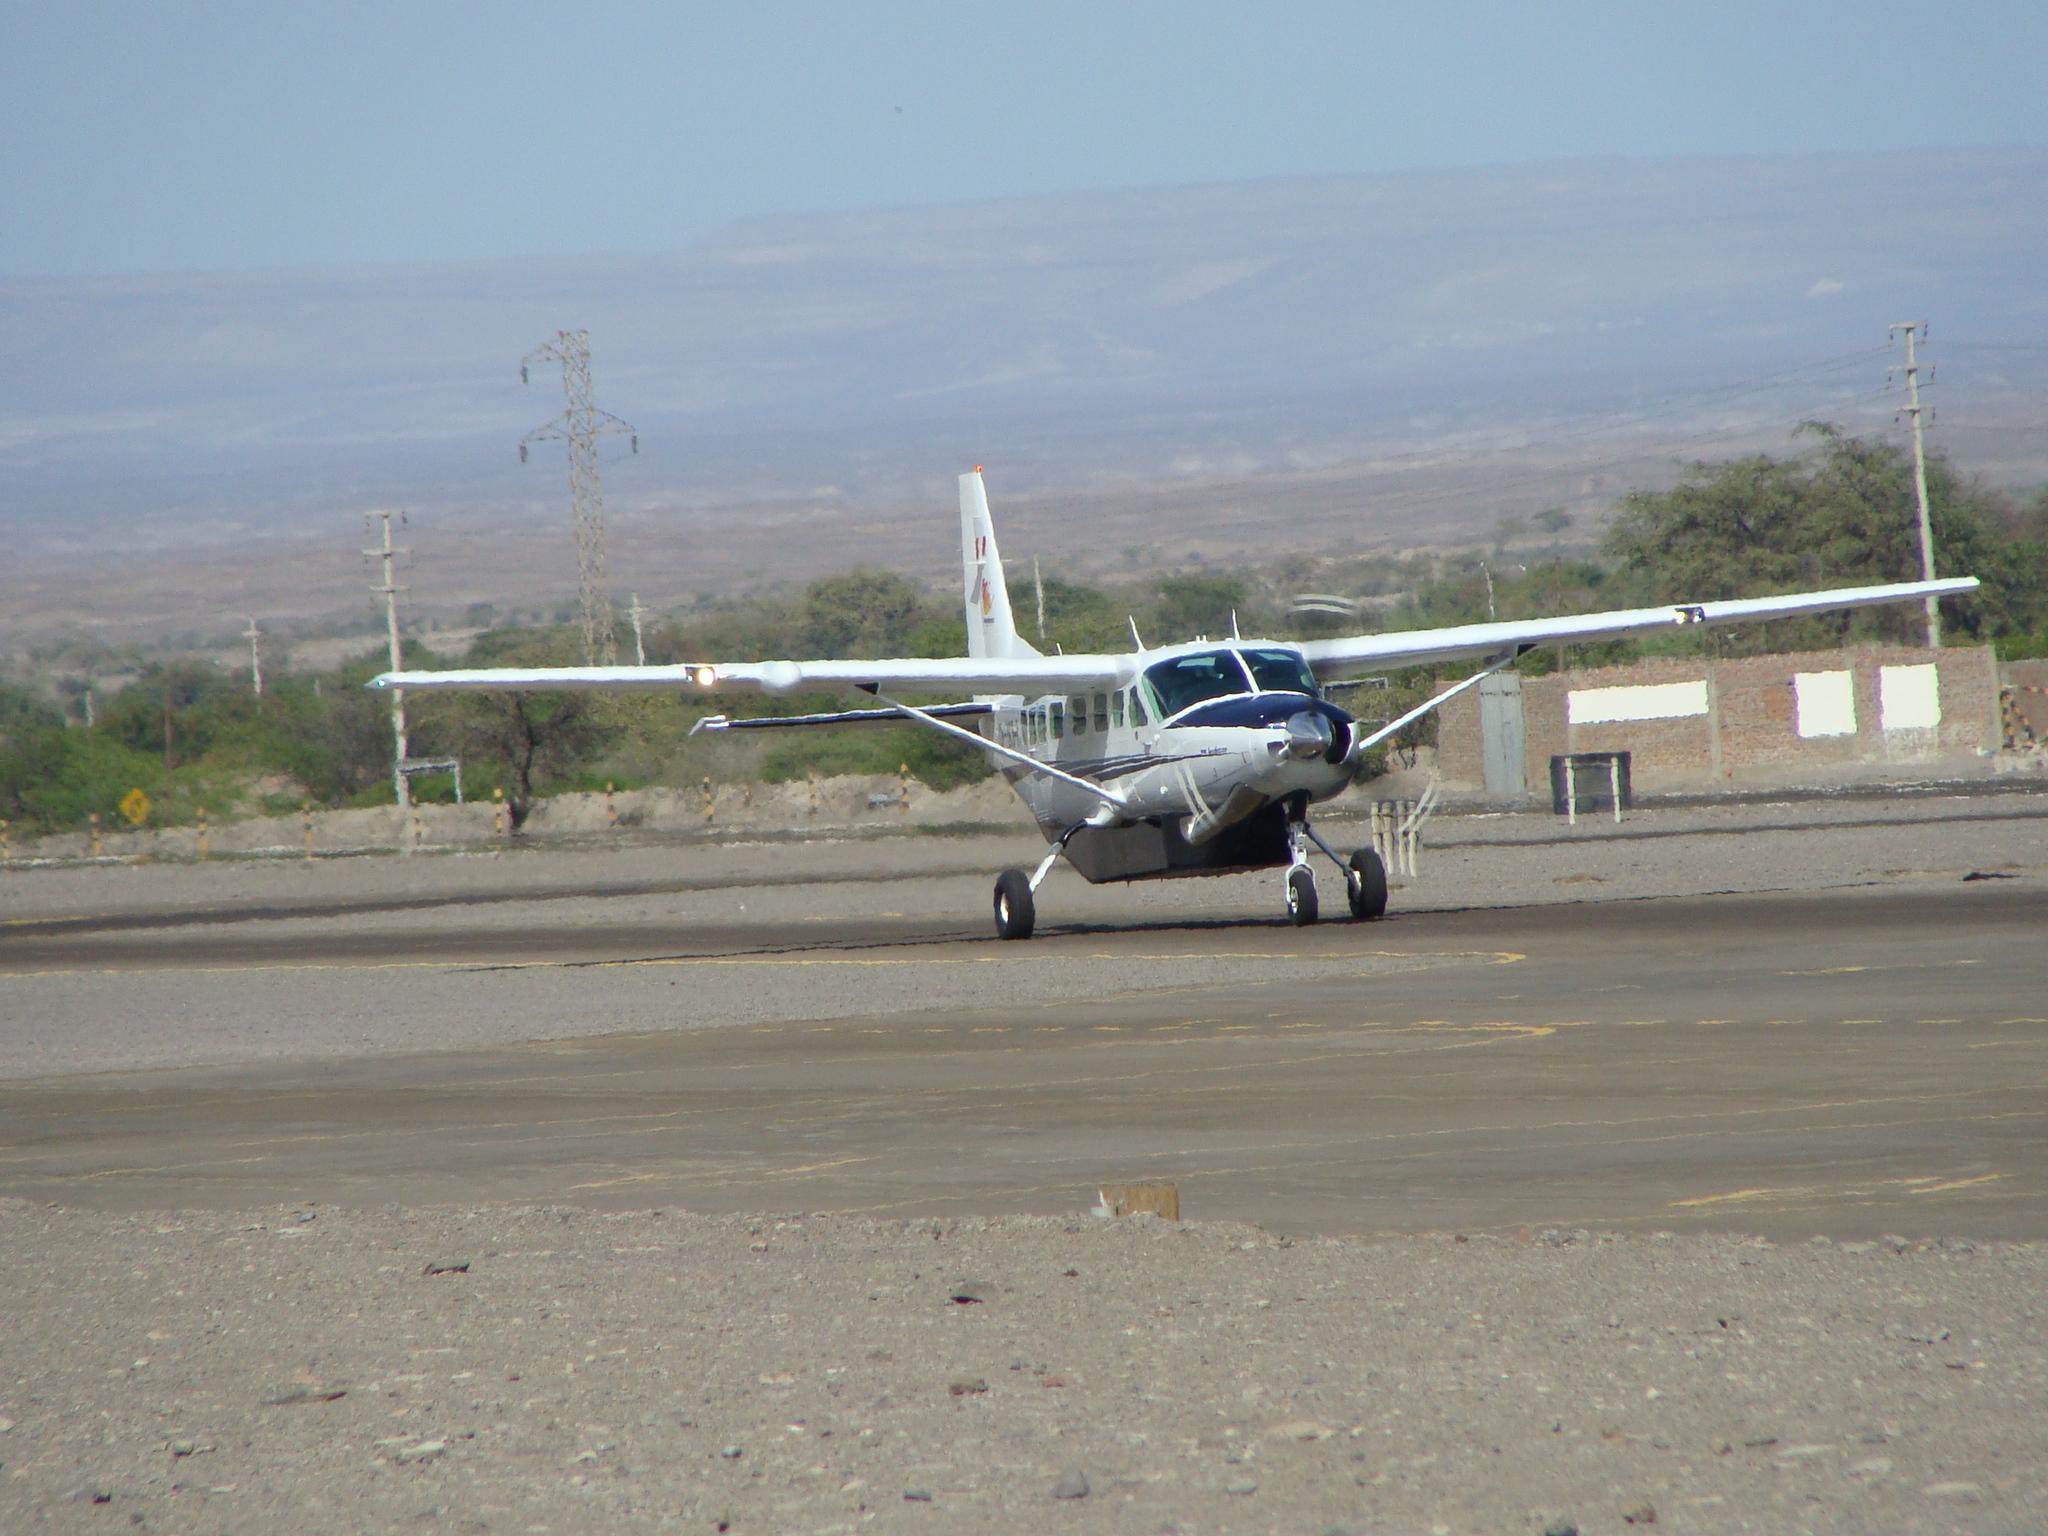 Nazca - letadlo 21. 2. 2011 9:18